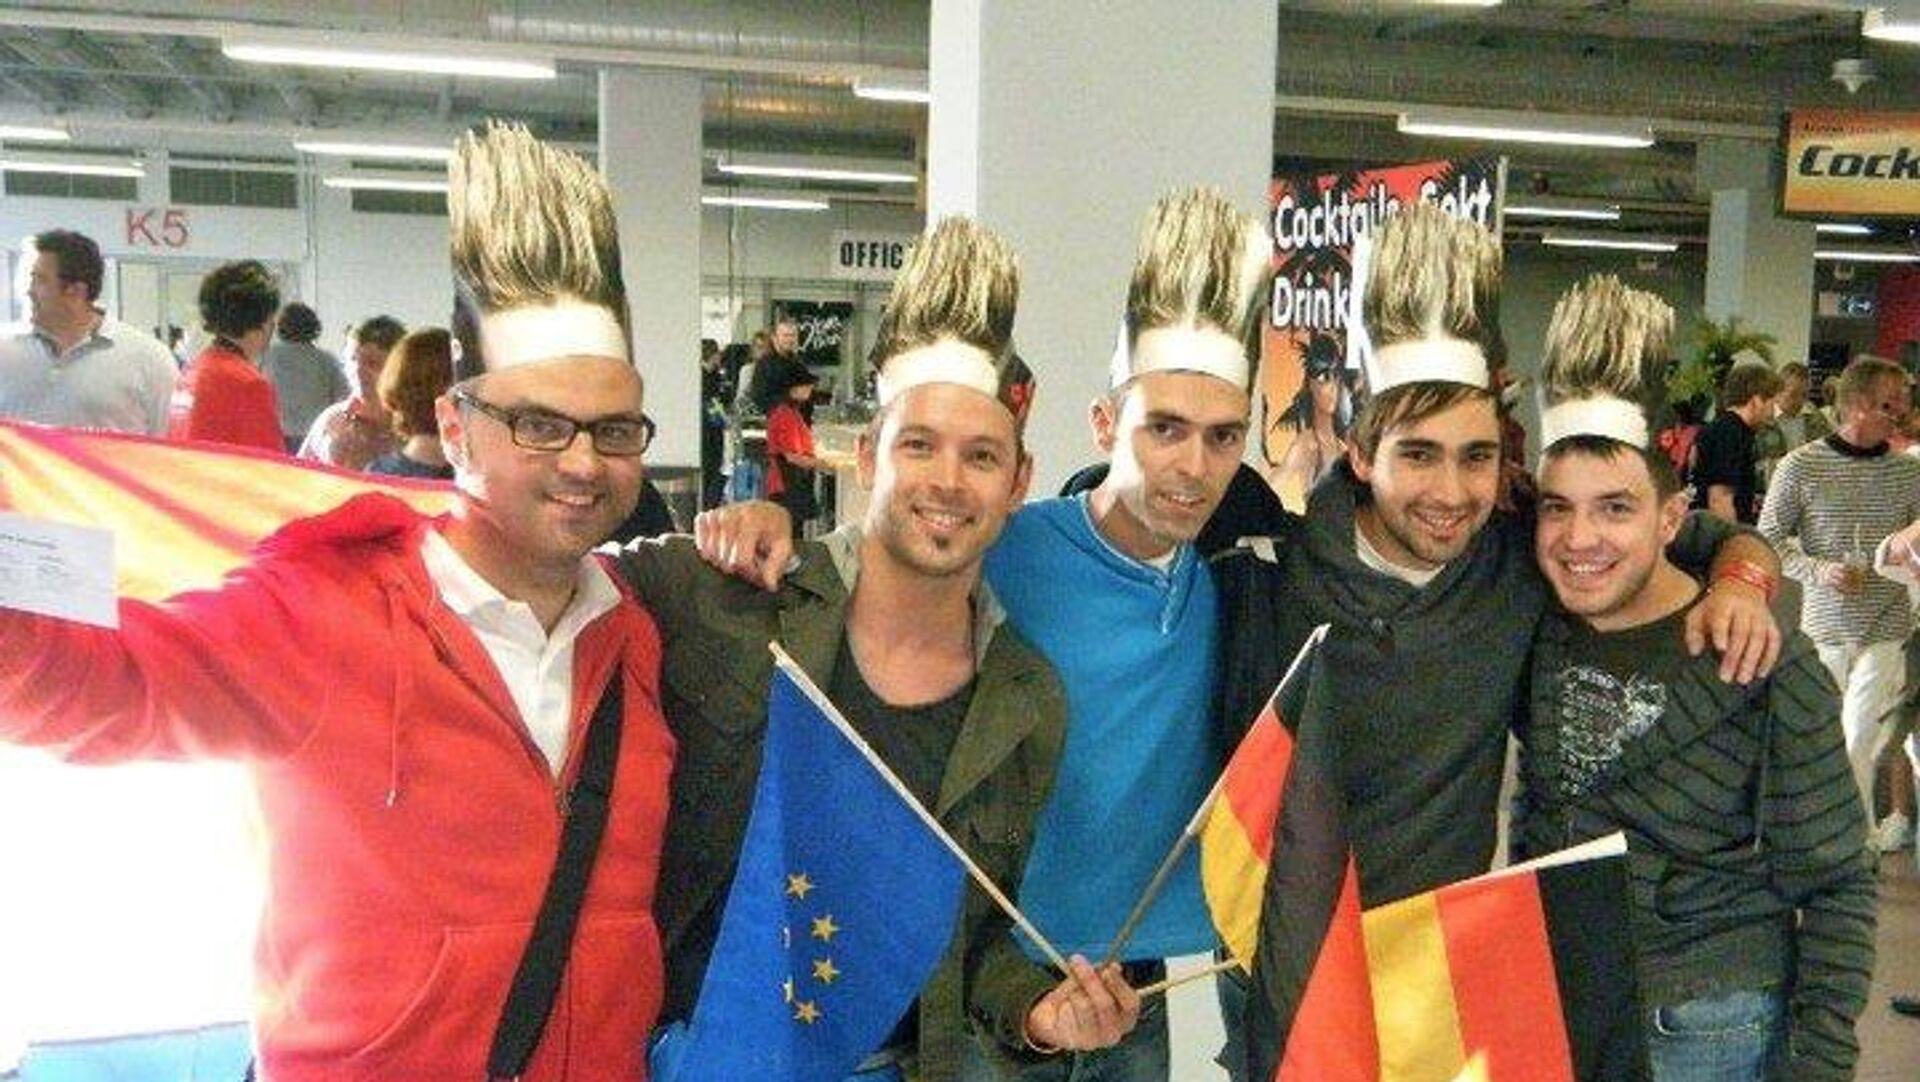 Iván Iñarra, primero a la izquierda, eurofan español, en el festival de Eurovisión del año 2011 junto a unos amigos - Sputnik Mundo, 1920, 21.05.2021